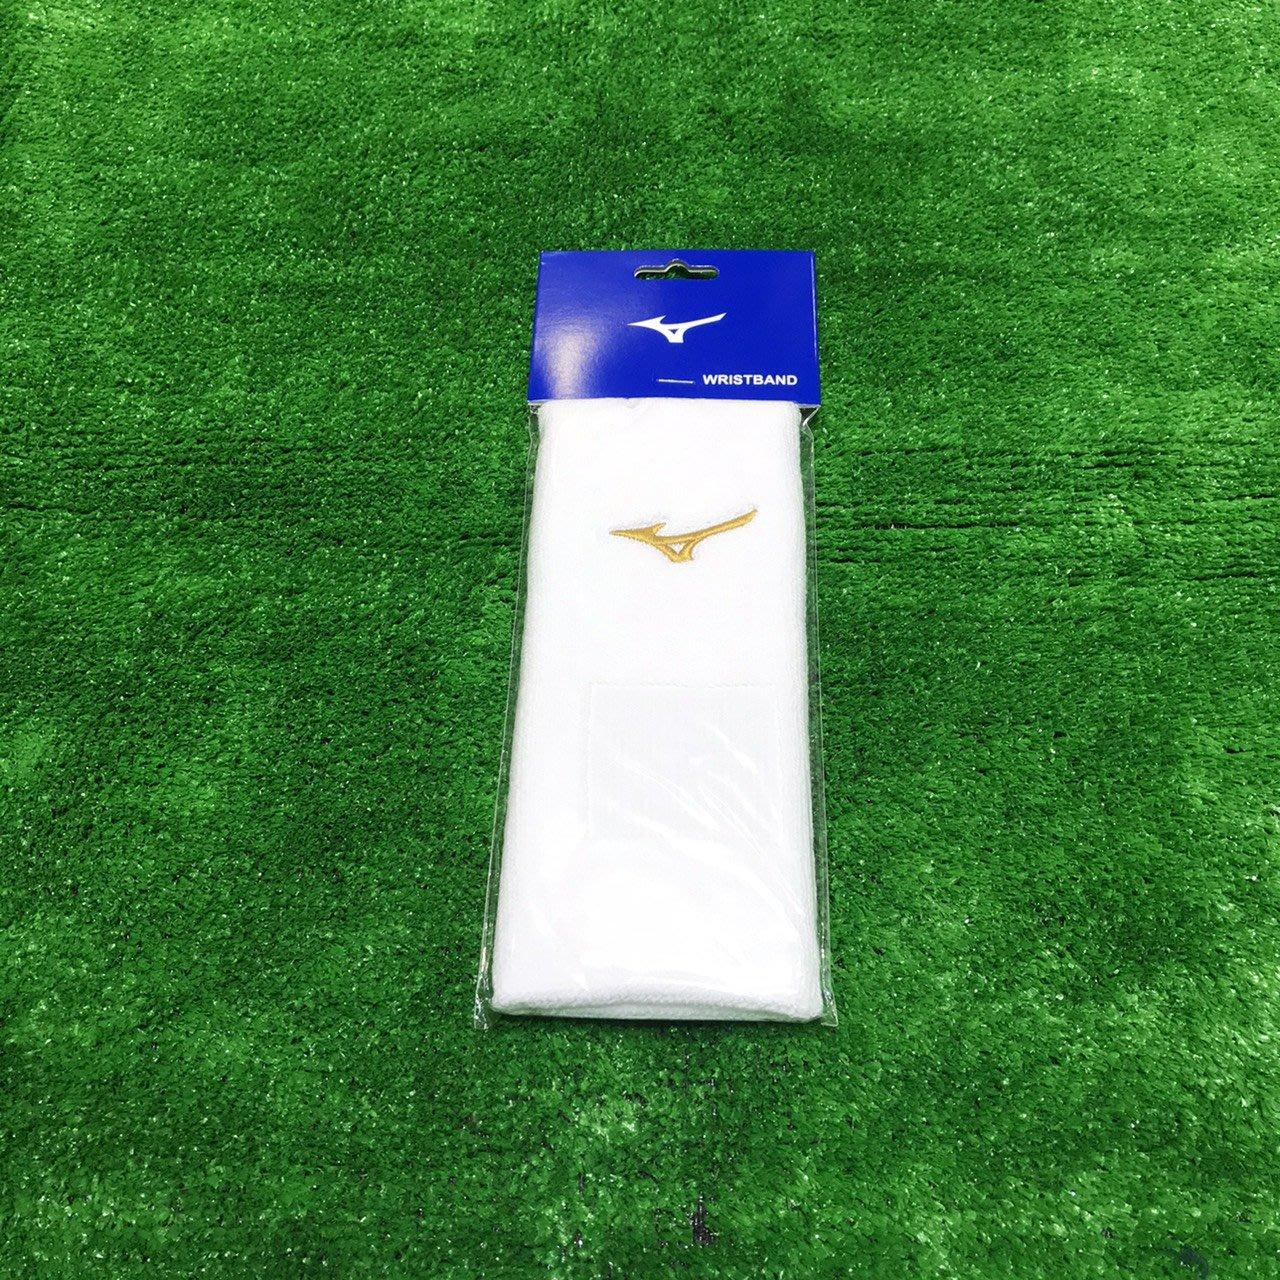 棒球世界全新【美津濃MIZUNO】12ty0y3901一支入包裝毛巾組織 加長護腕特價白色